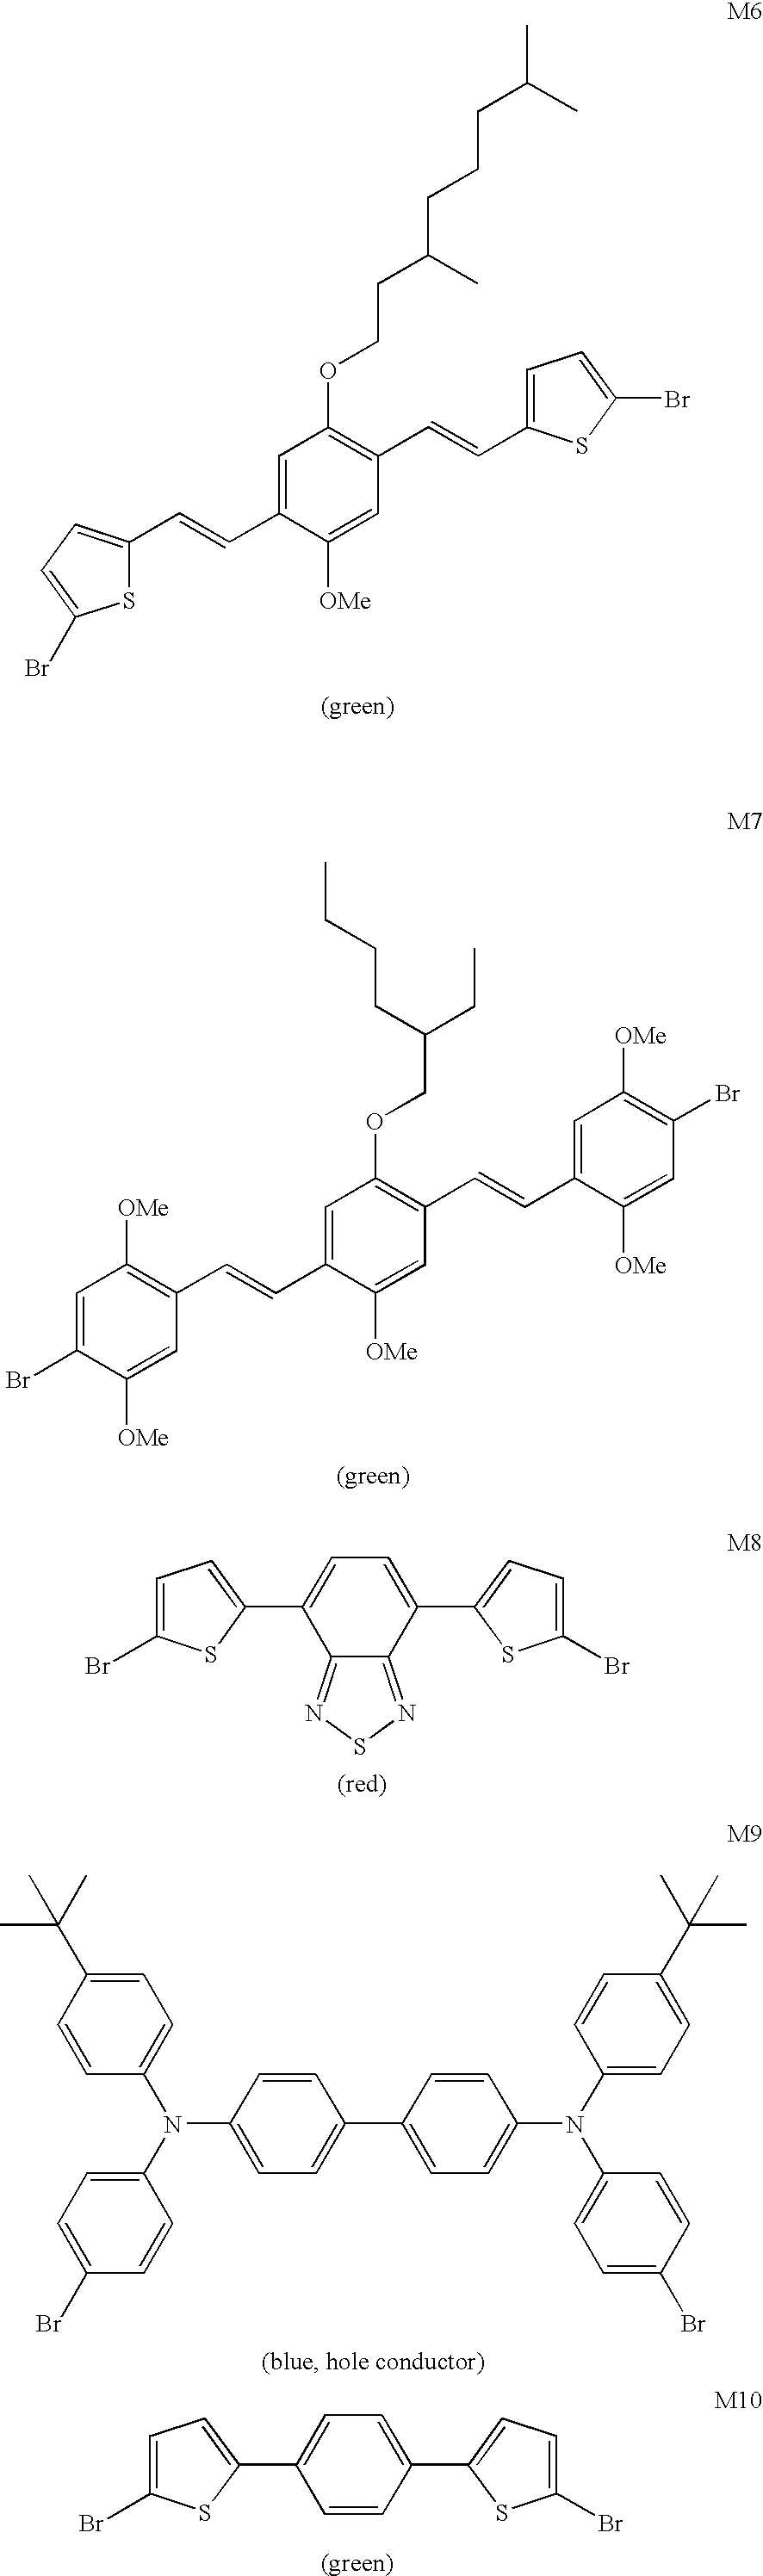 Figure US07696284-20100413-C00007